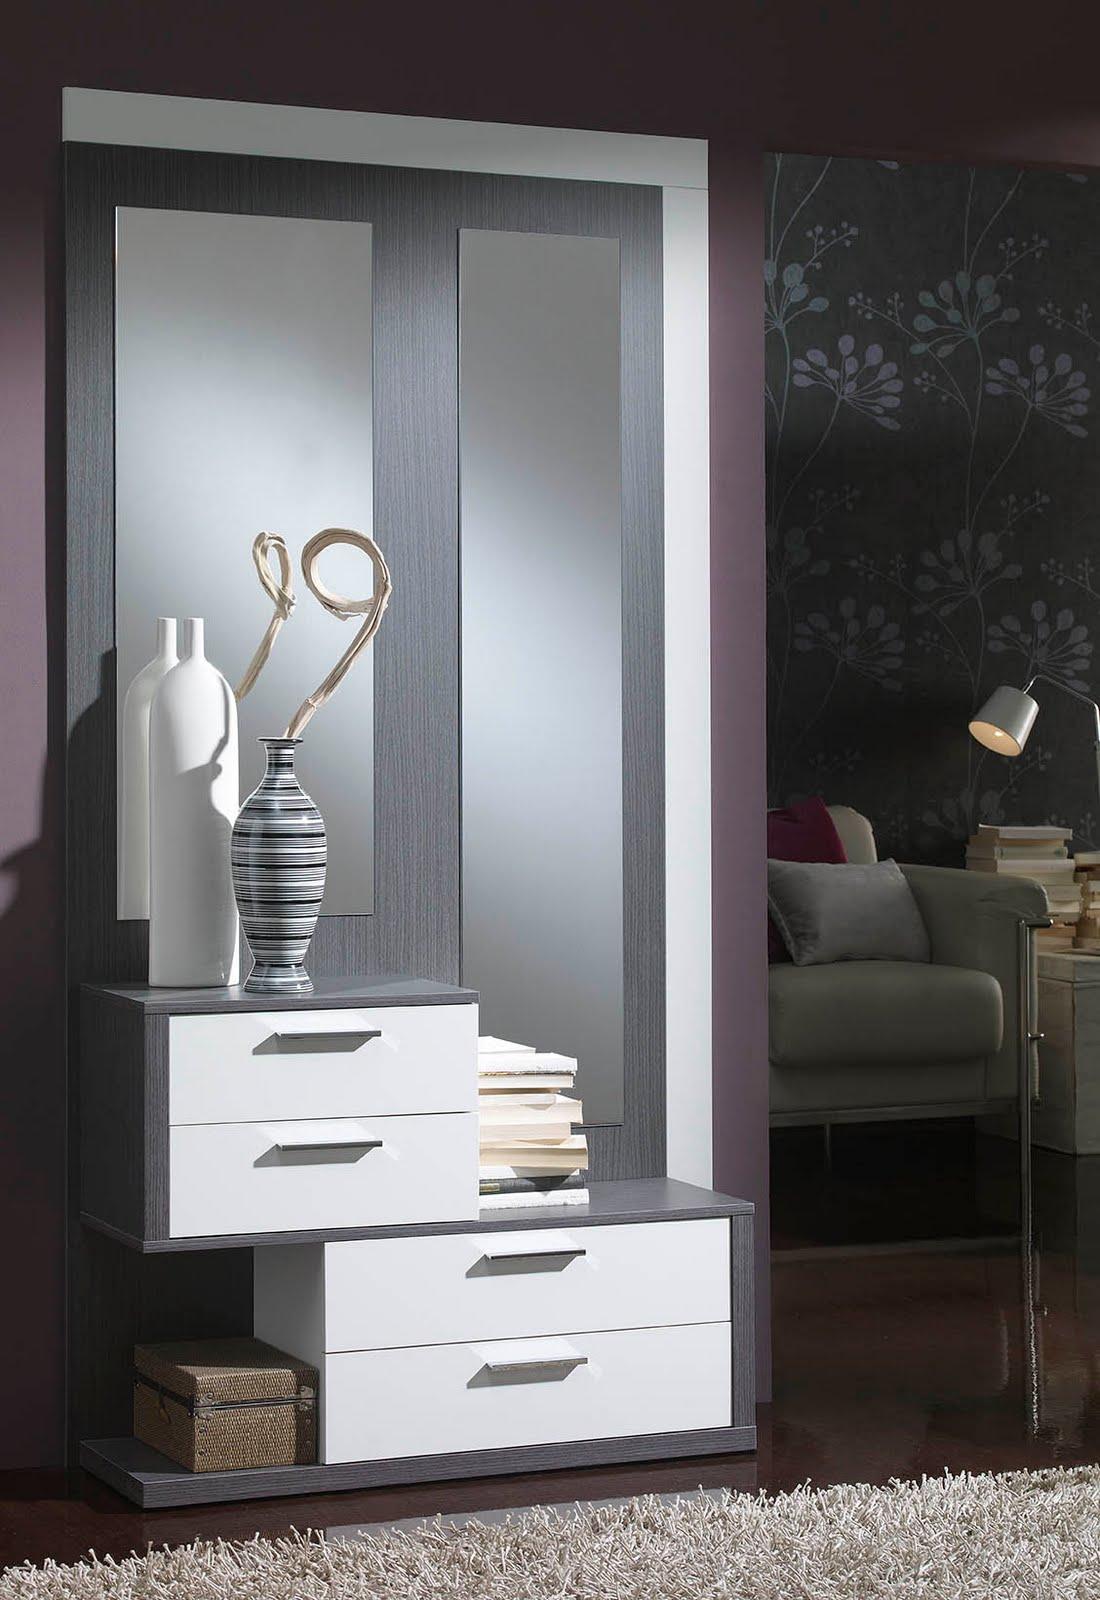 Casas cocinas mueble entraditas y recibidores - Muebles entraditas ikea ...